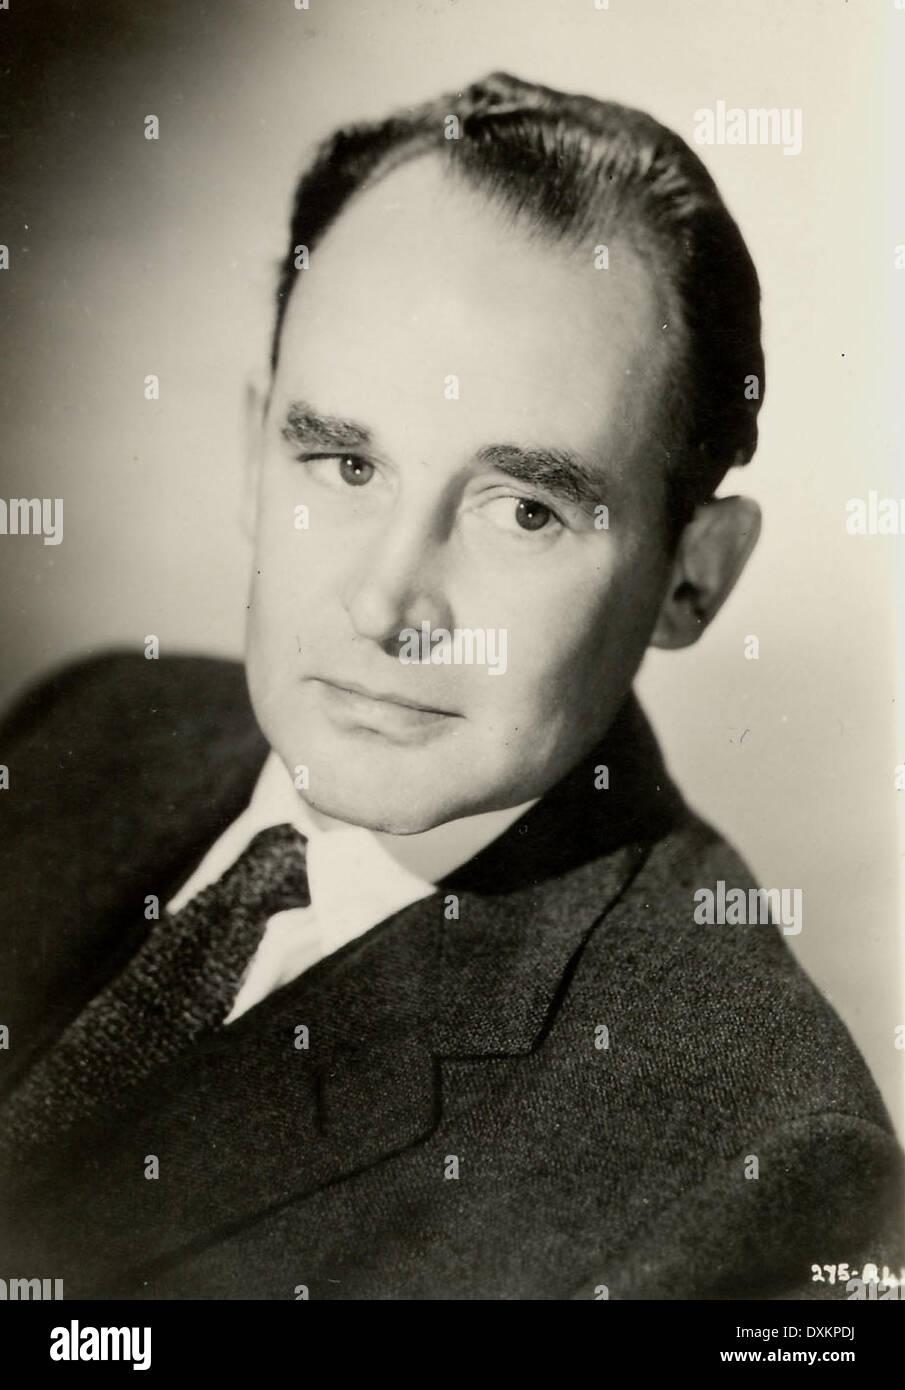 GEOFFREY KEEN actor  1918 - 2005  portrait taken to publicis - Stock Image